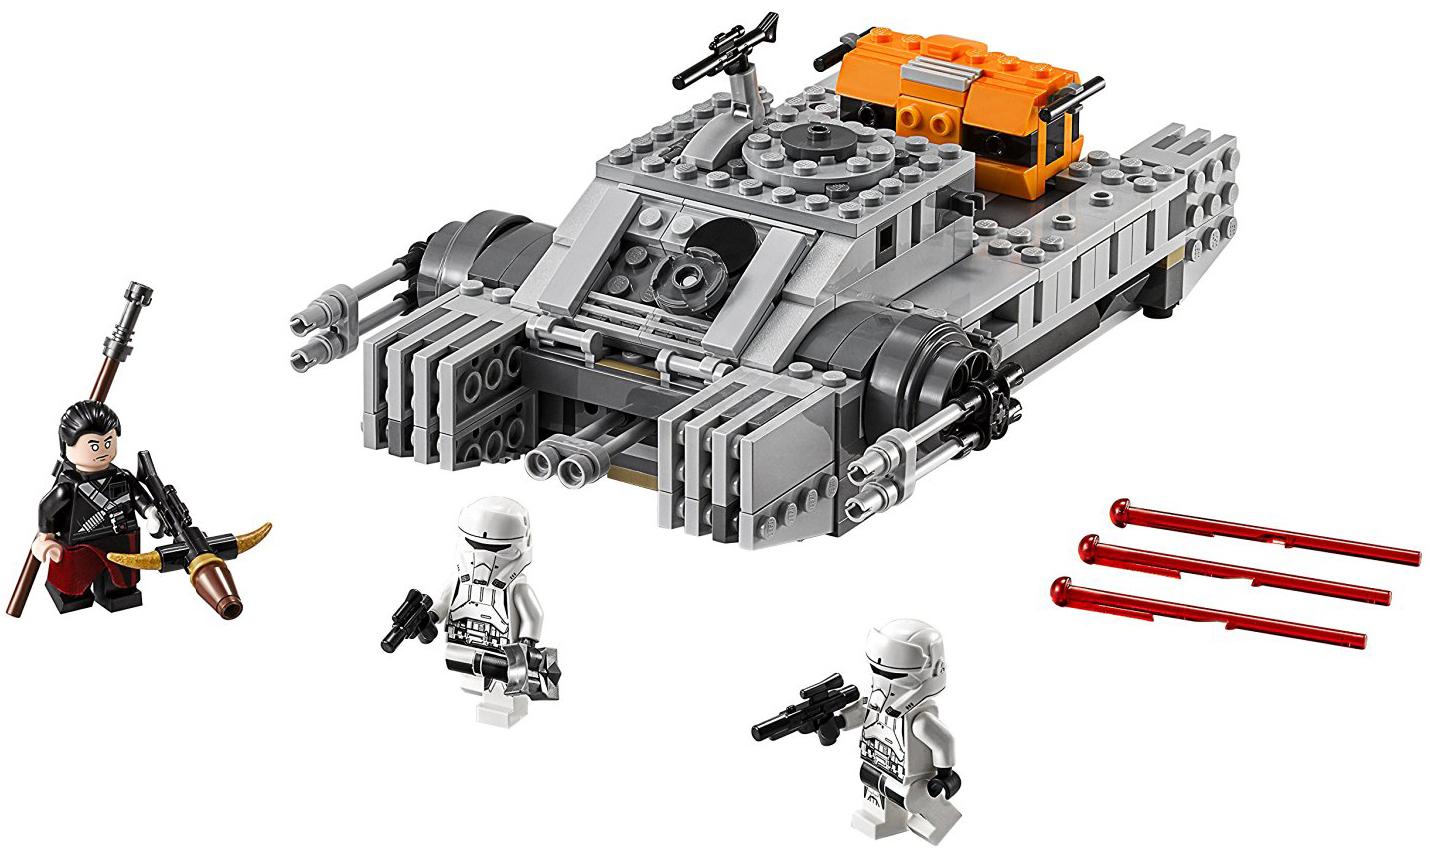 Star Wars LEGO Имперский десантный танк конструктор lego star wars имперский десантный корабль 75106